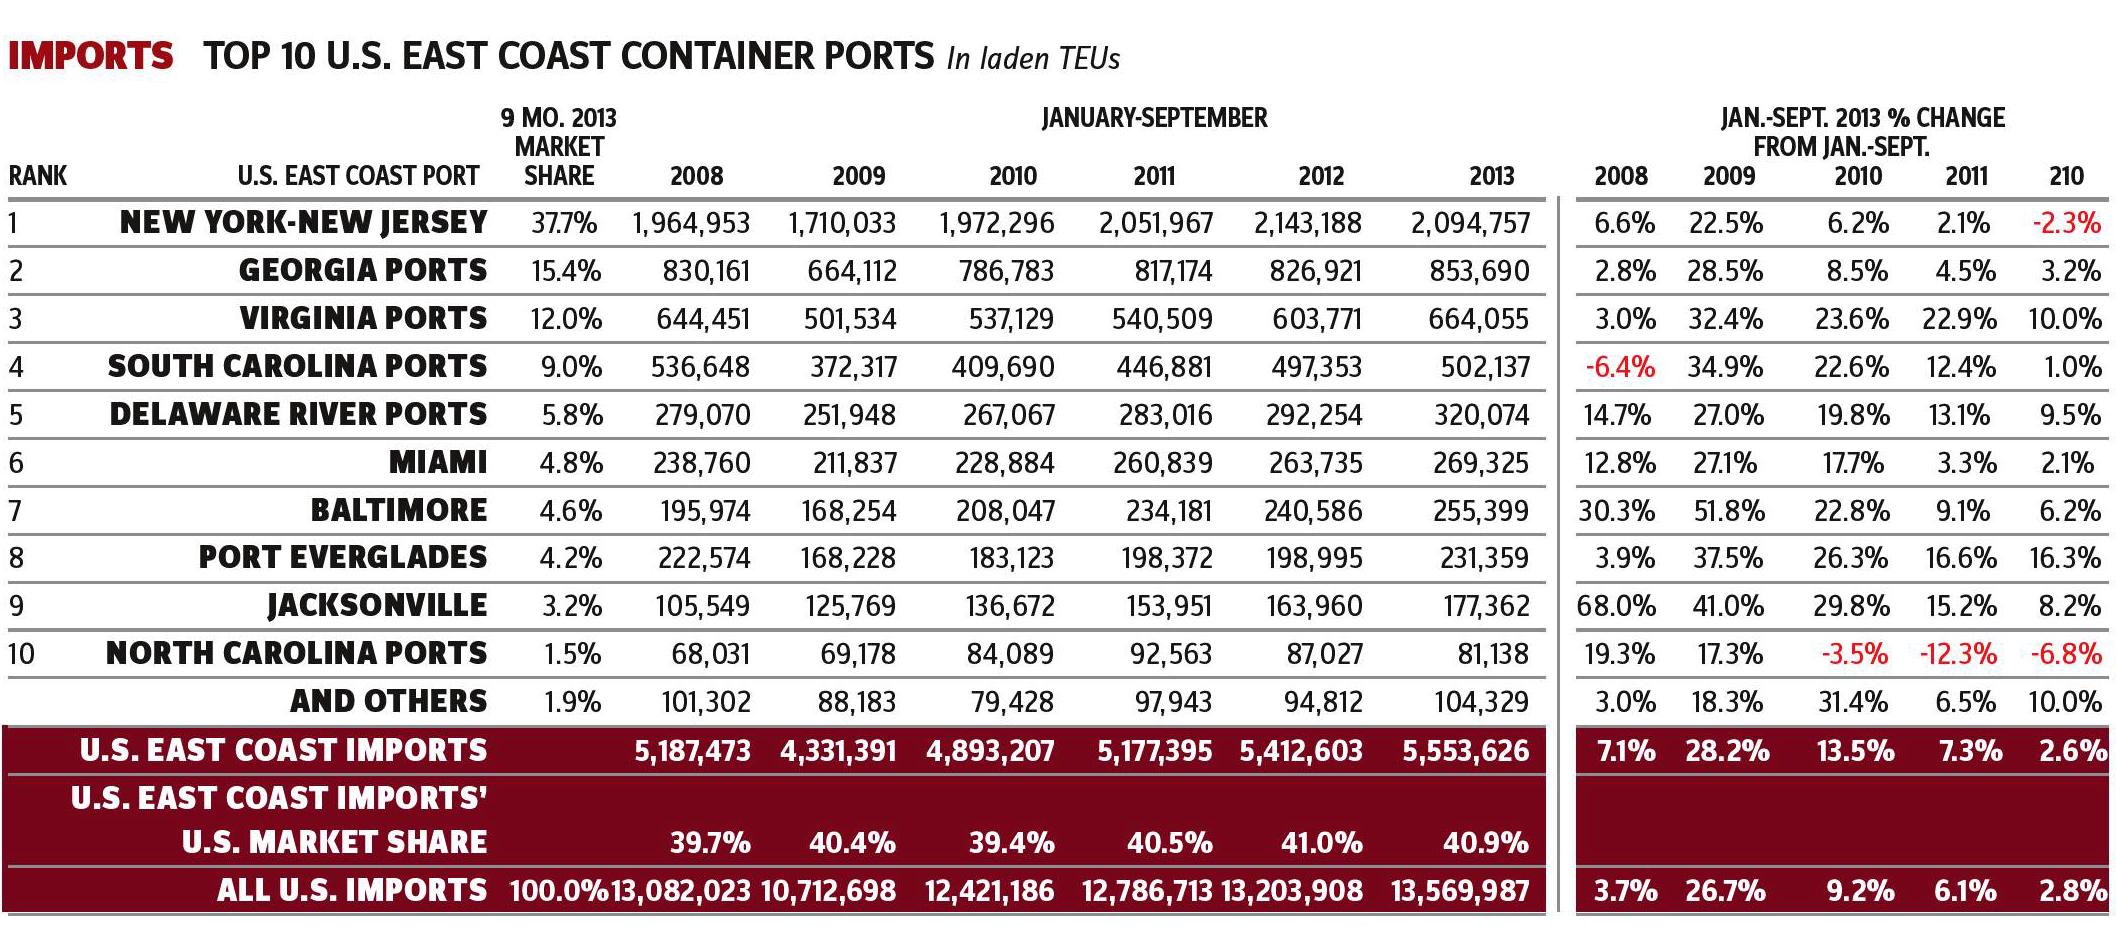 U.S._Container_Trade_Via_East_Coast_Ports-Imports